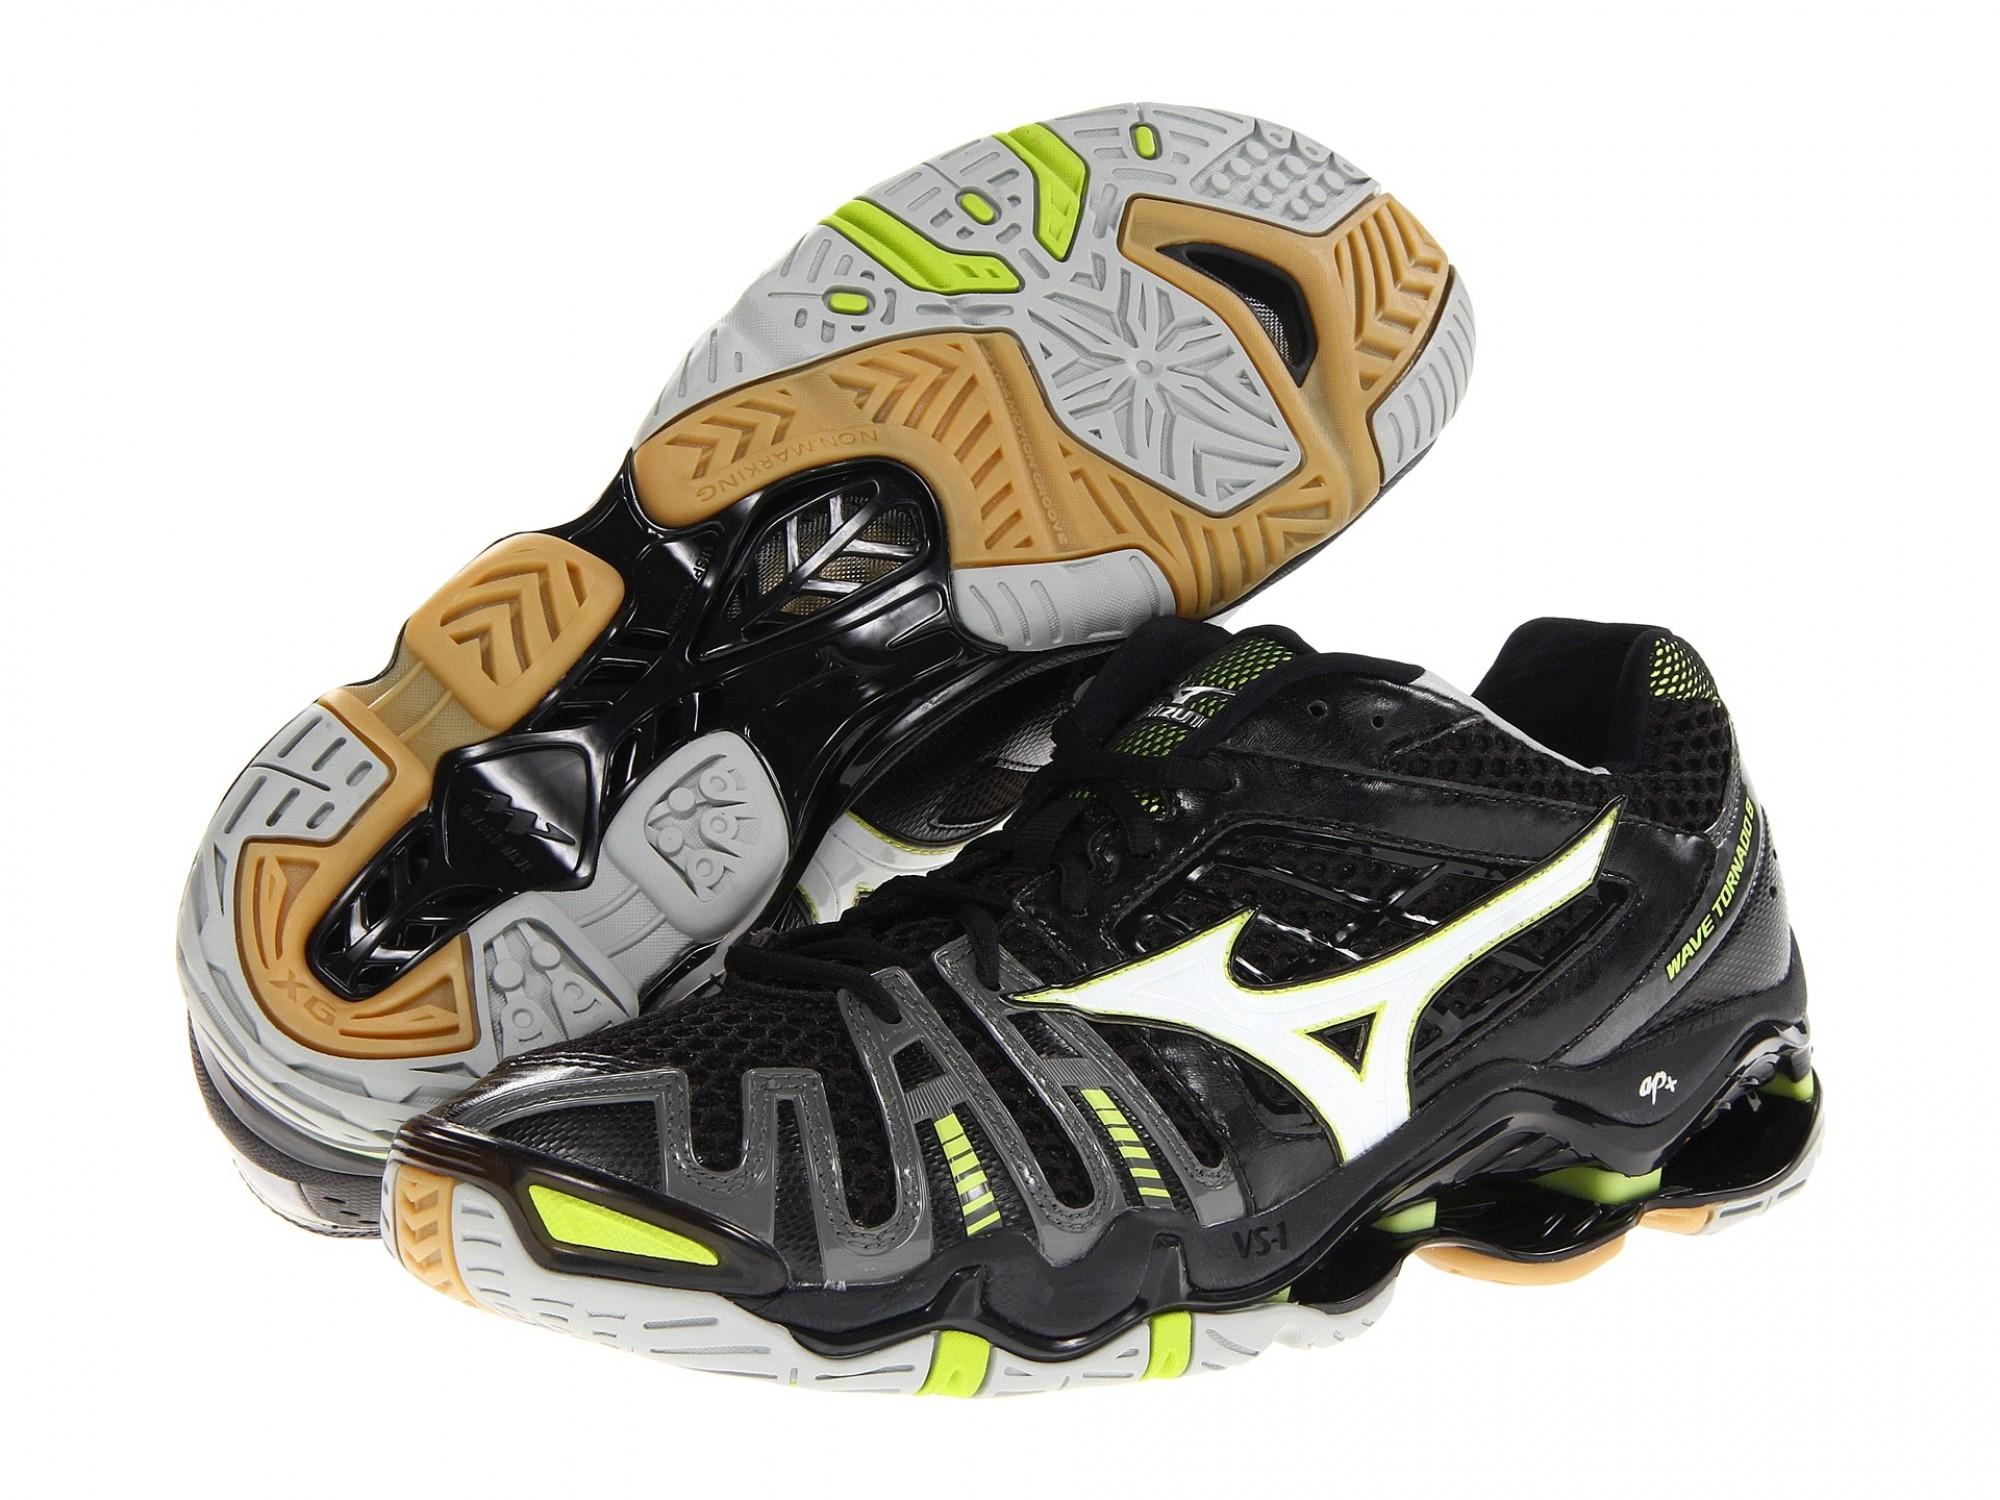 Mizuno Wave Tornado 8 Волейбольные кроссовки купить в Украине, цена ... 9bbd467ea97